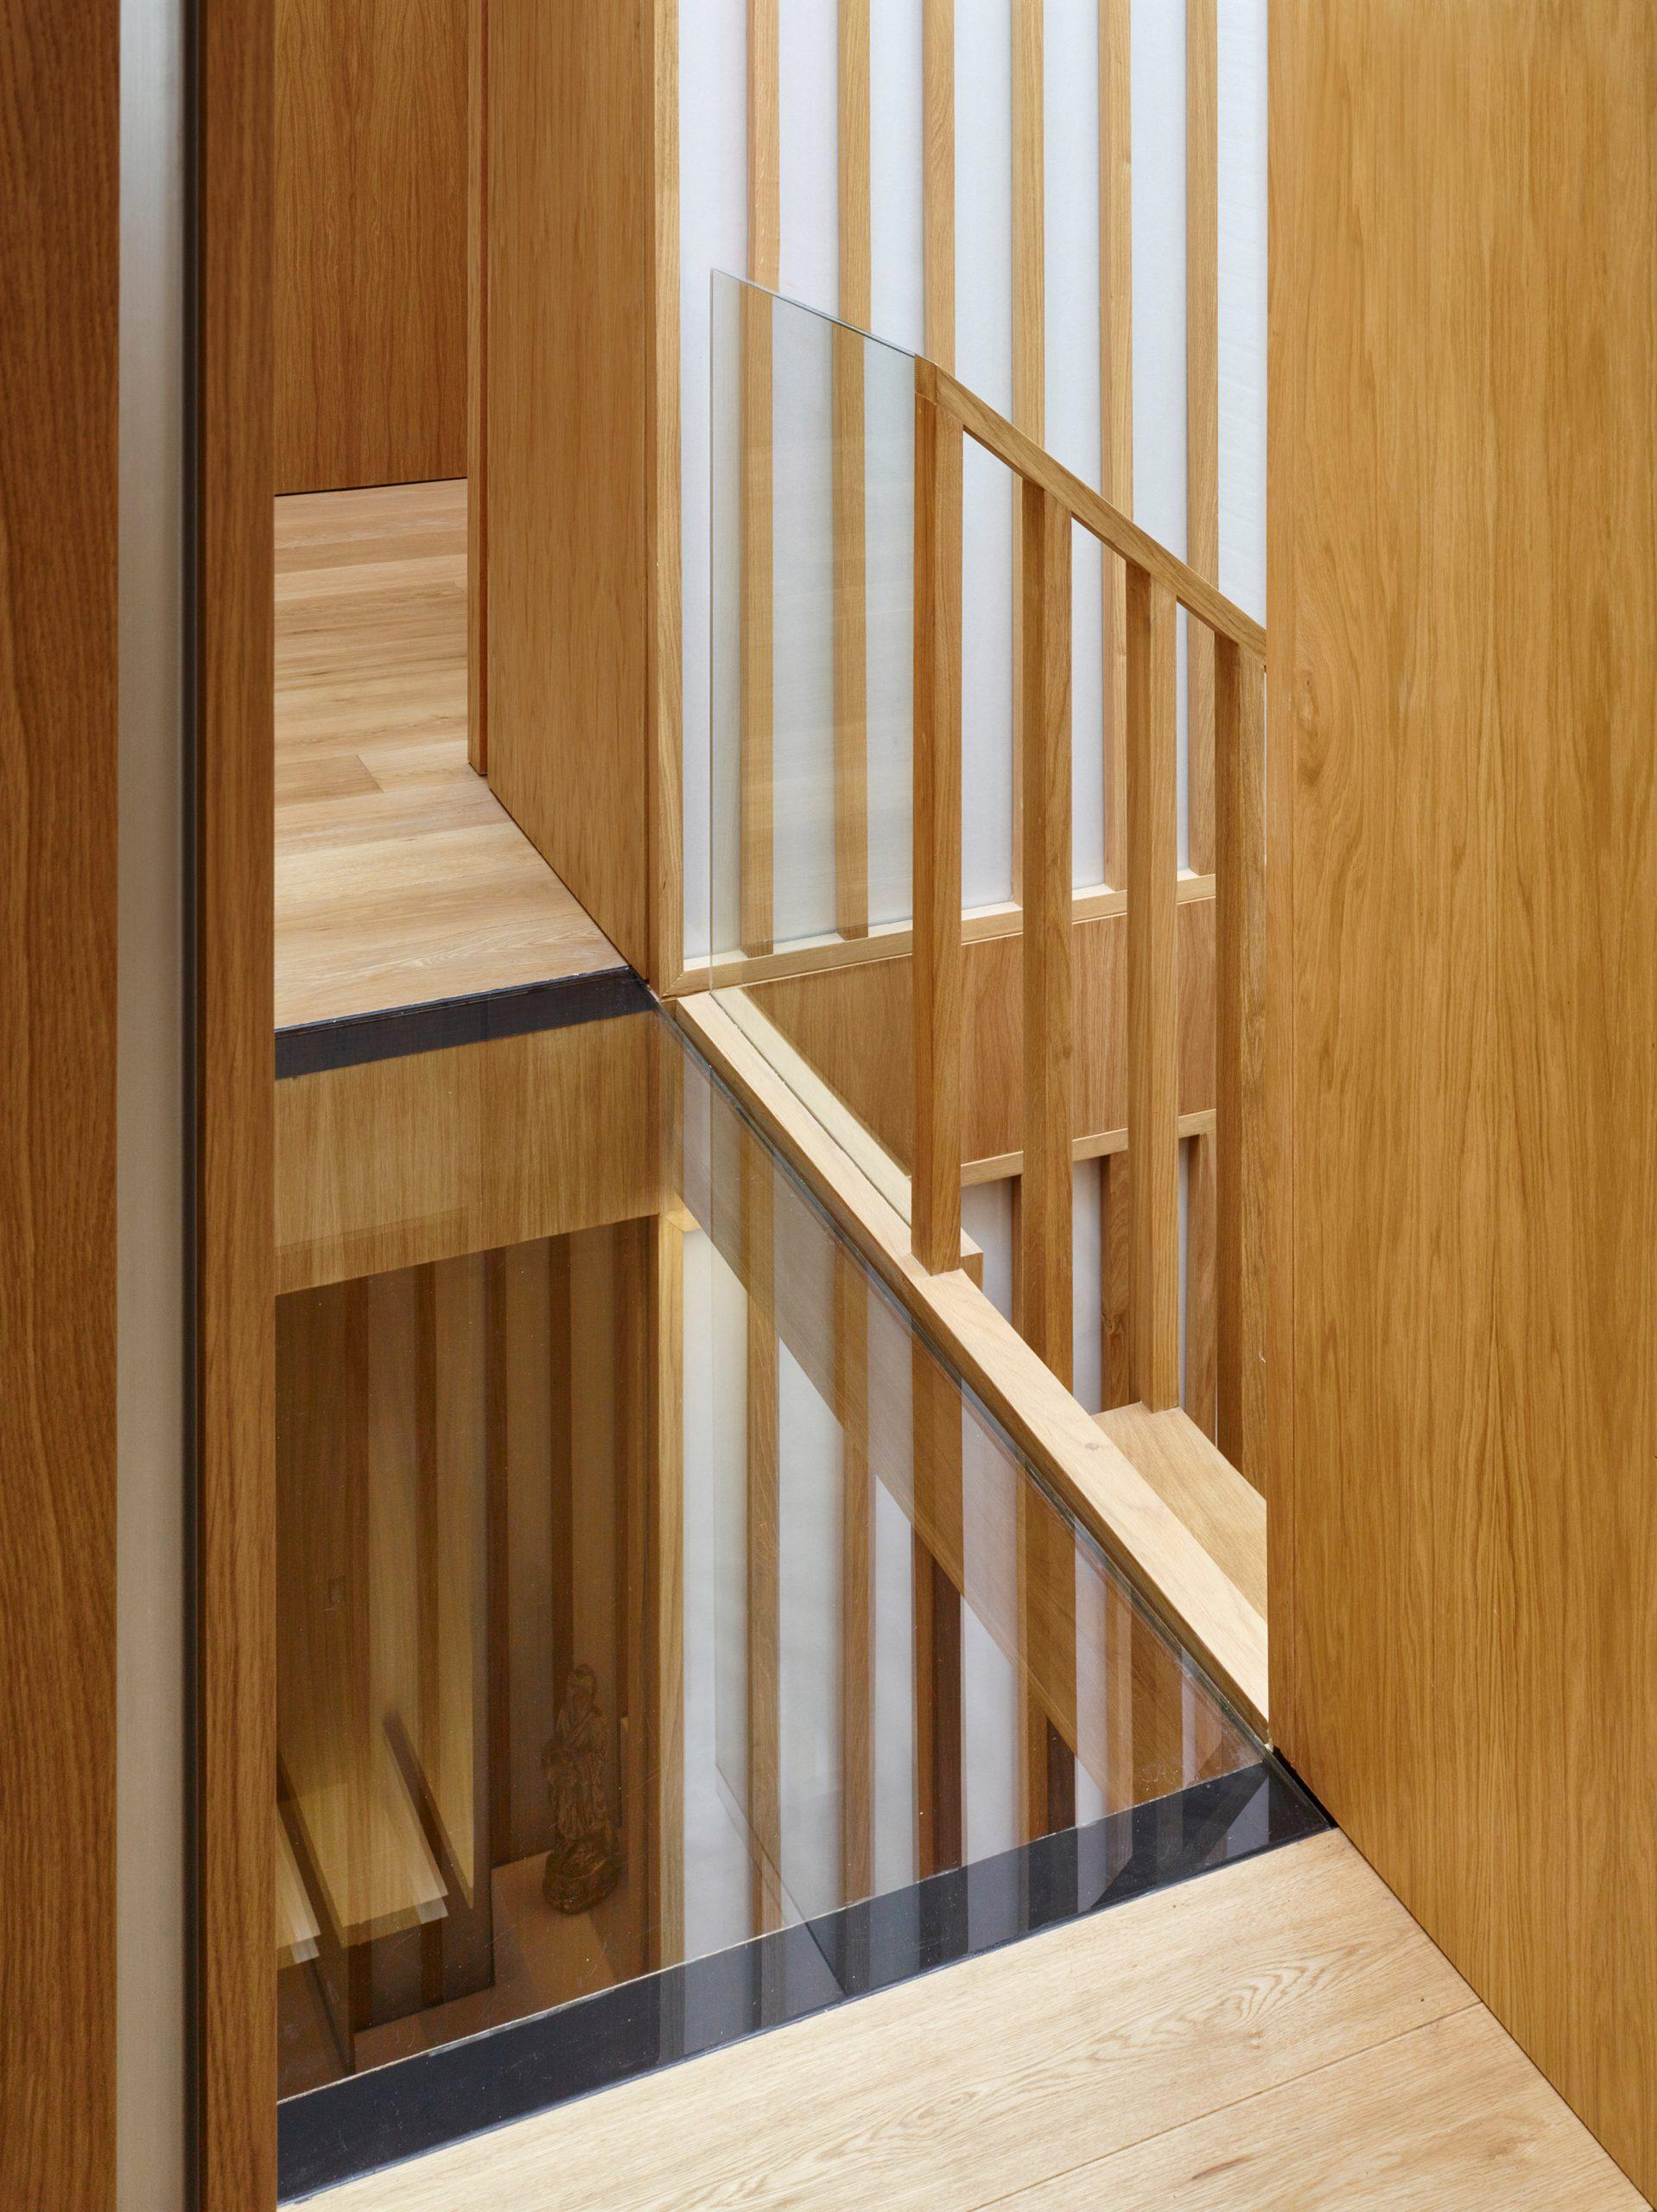 Thiết kế nhà gỗ hiện đại 13